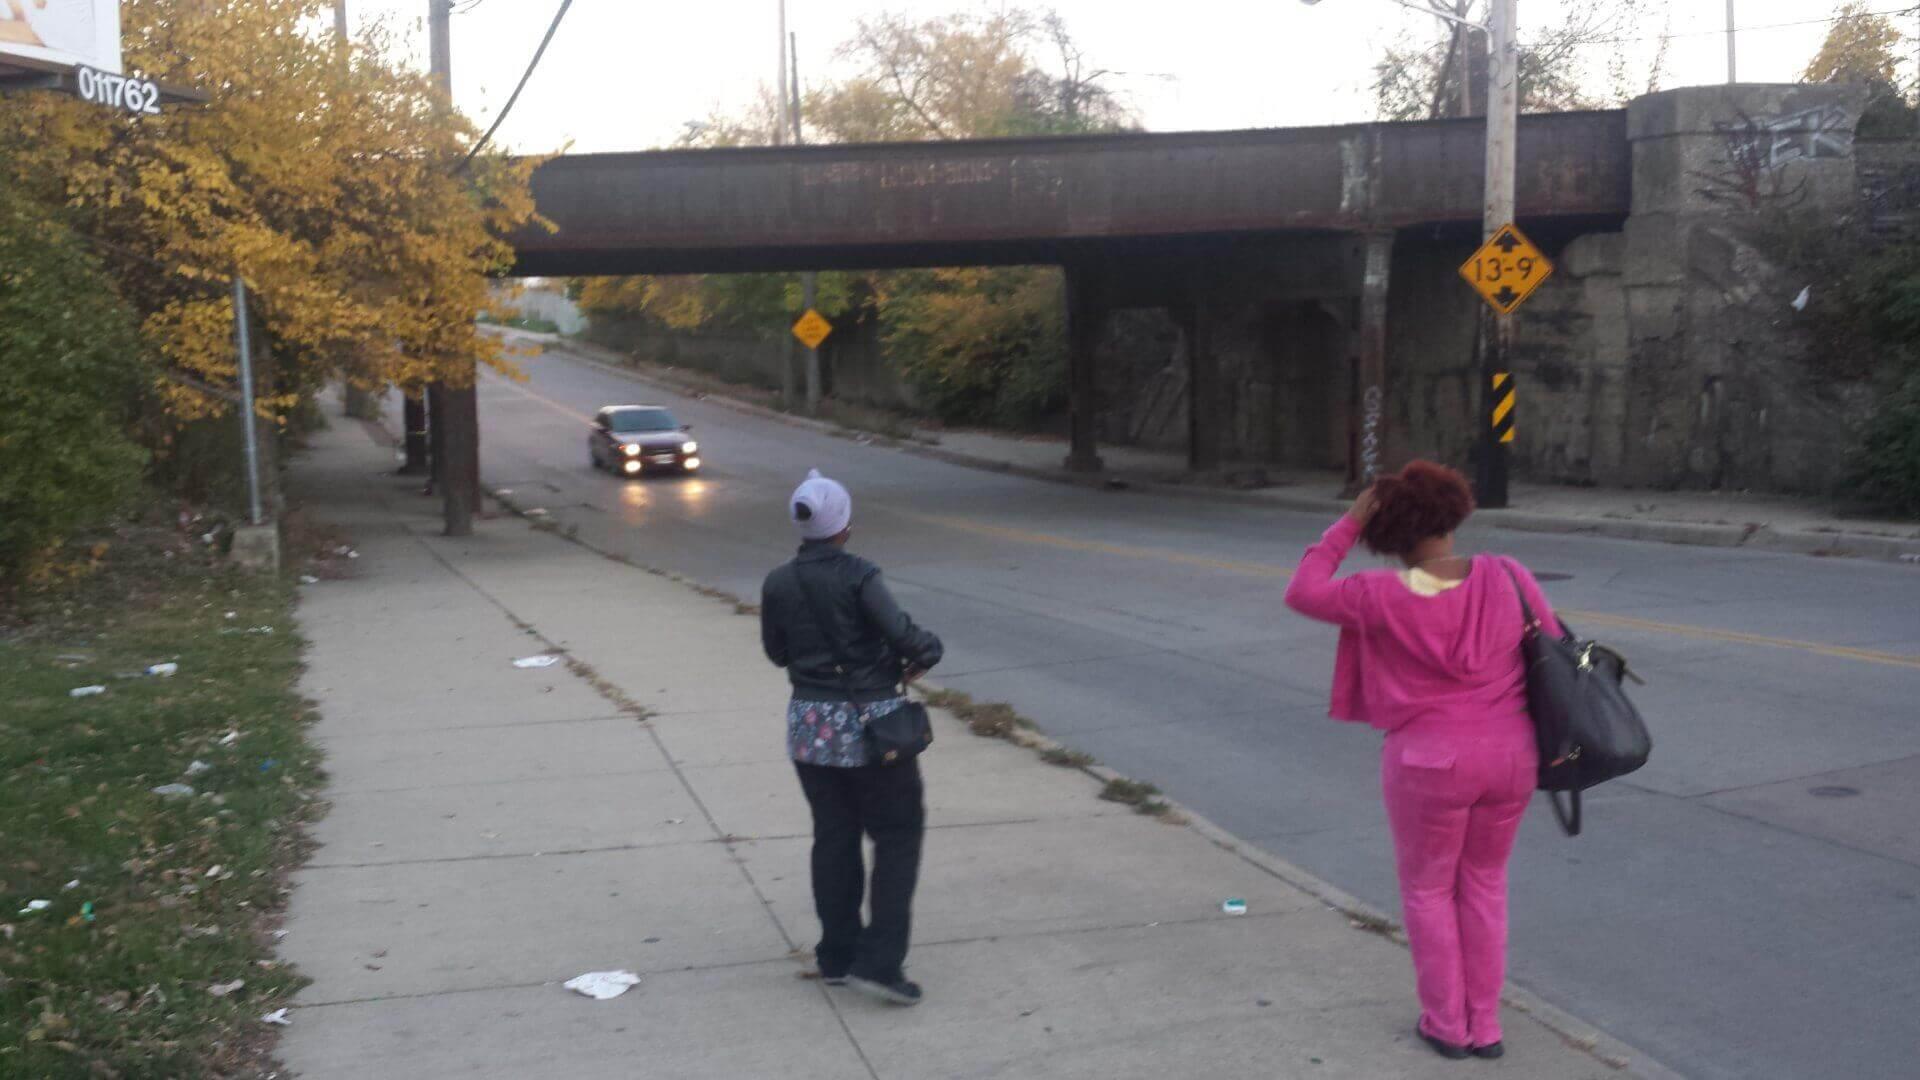 Cindy aus Marzahn! Bilder und Eindrücke aus Cleveland, Ohio, United States.